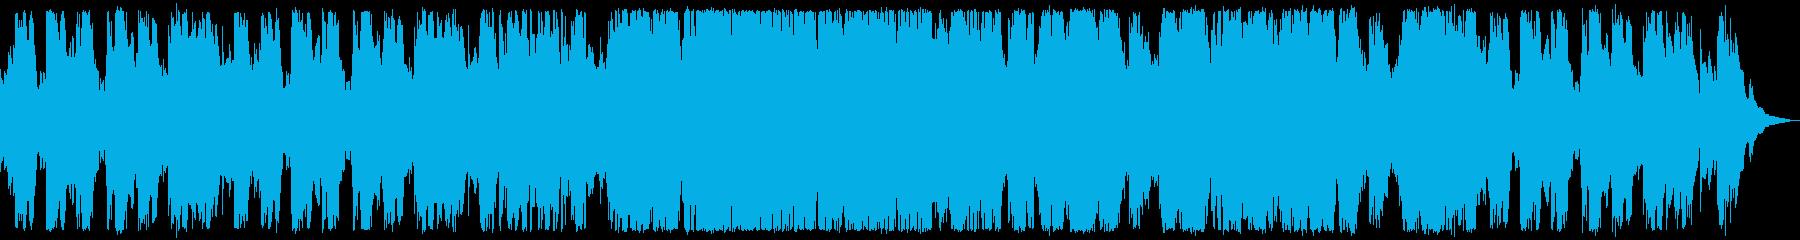 儚げで幻想的な響きの曲です。の再生済みの波形